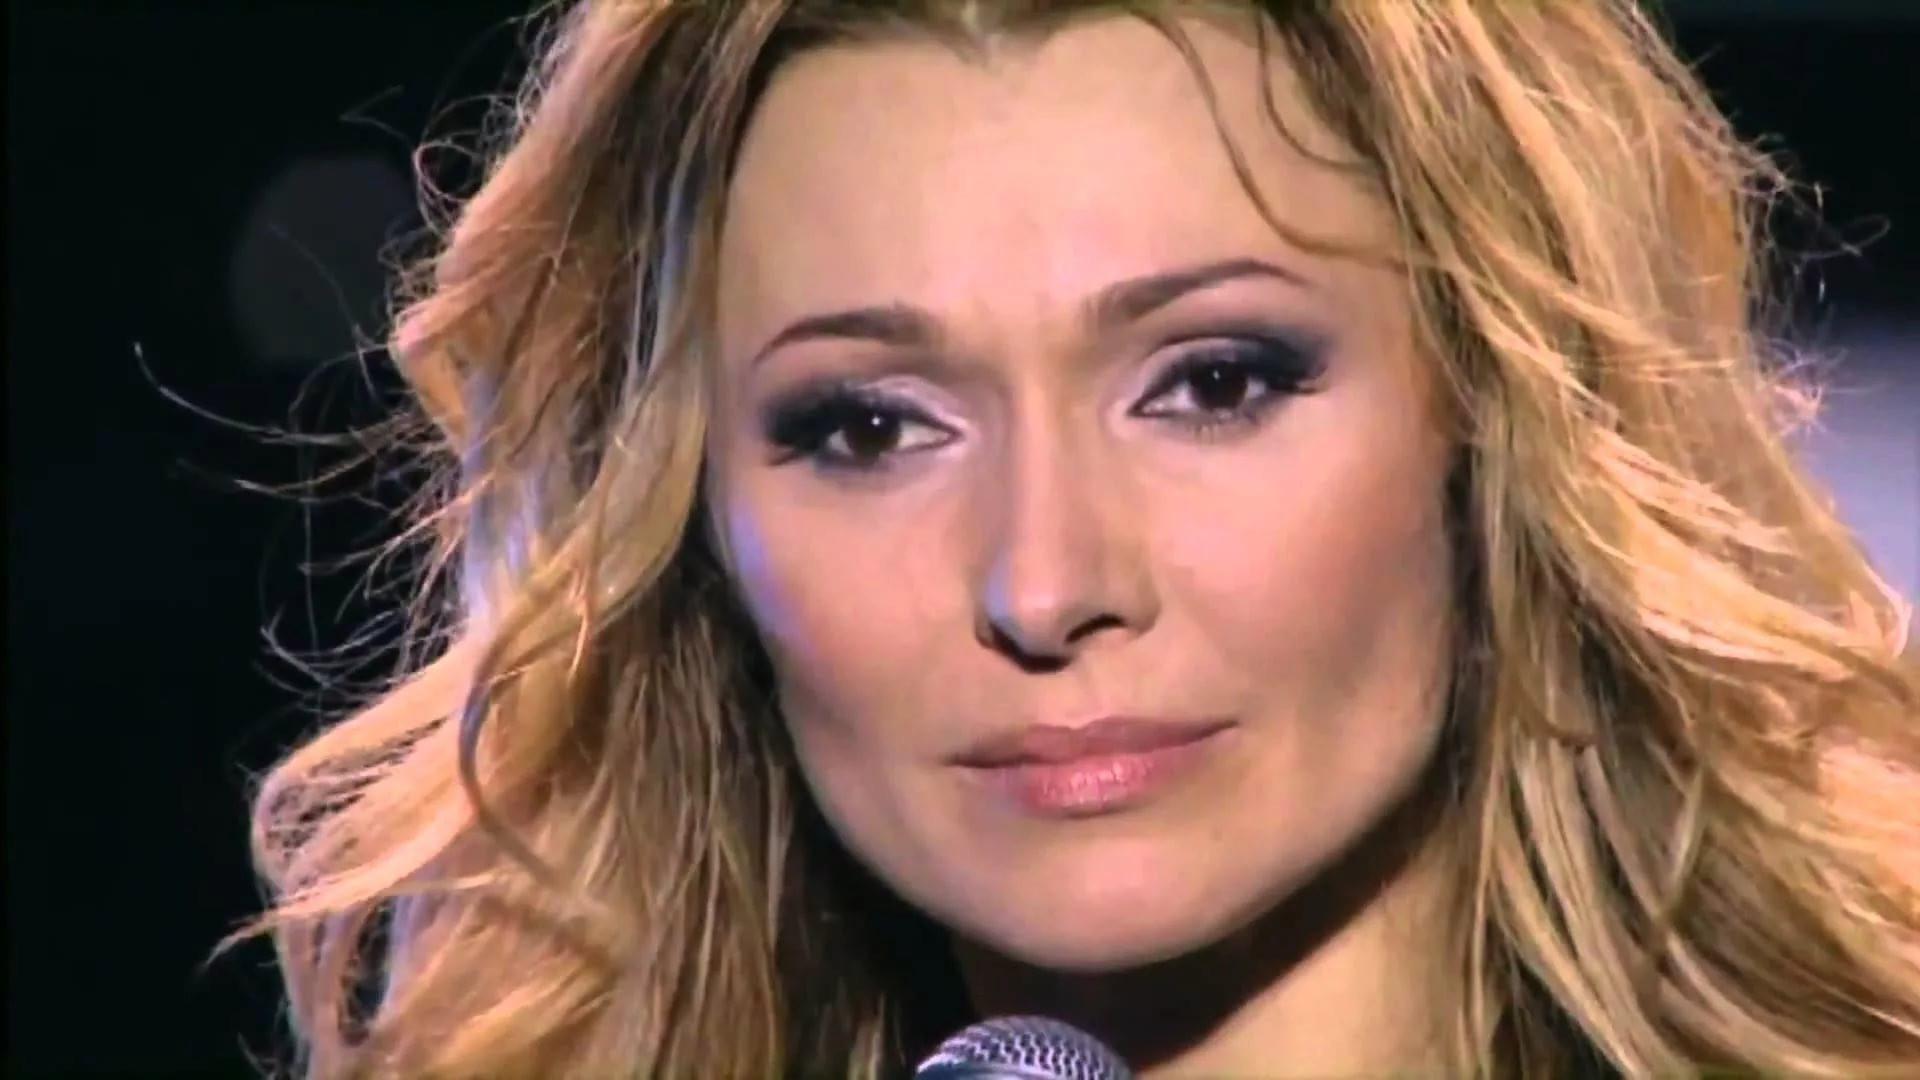 В столице России жертвой ограбления стала Анжелика Агурбаш